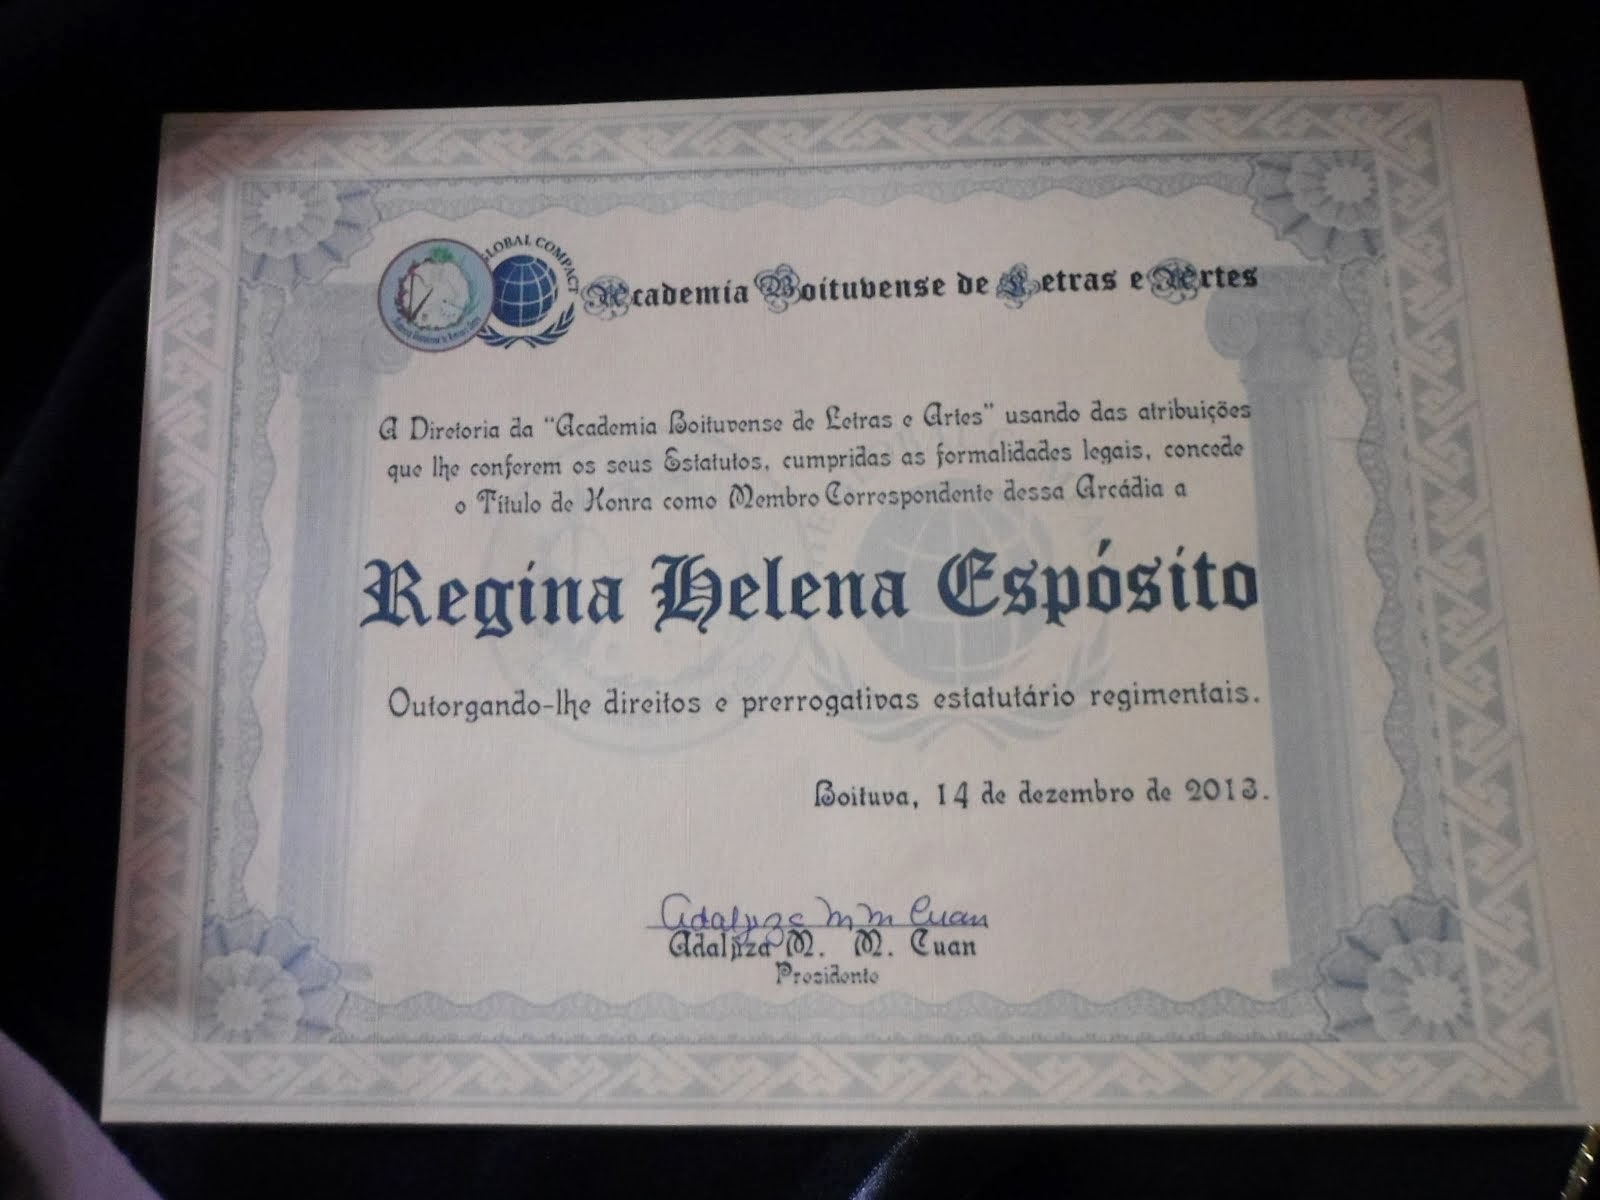 Meu certificado de Posse Acadêmica pela Abla-Academia Boituvense de Letras e Artes...